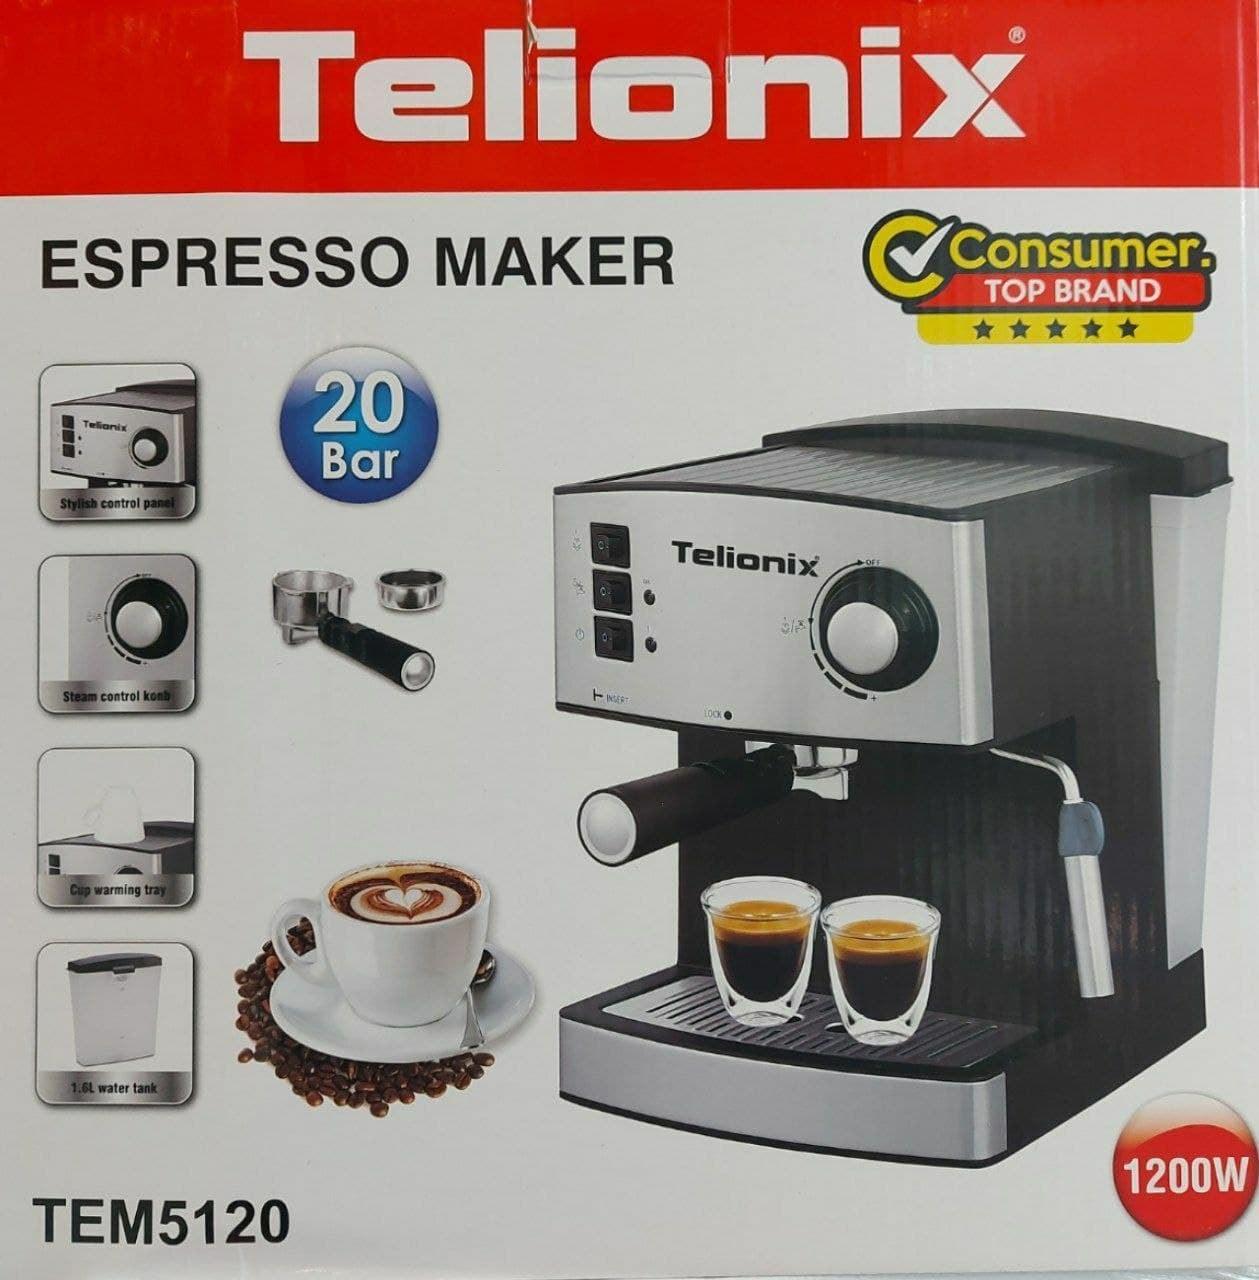 تصویر اسپرسو 20 بار Telionix